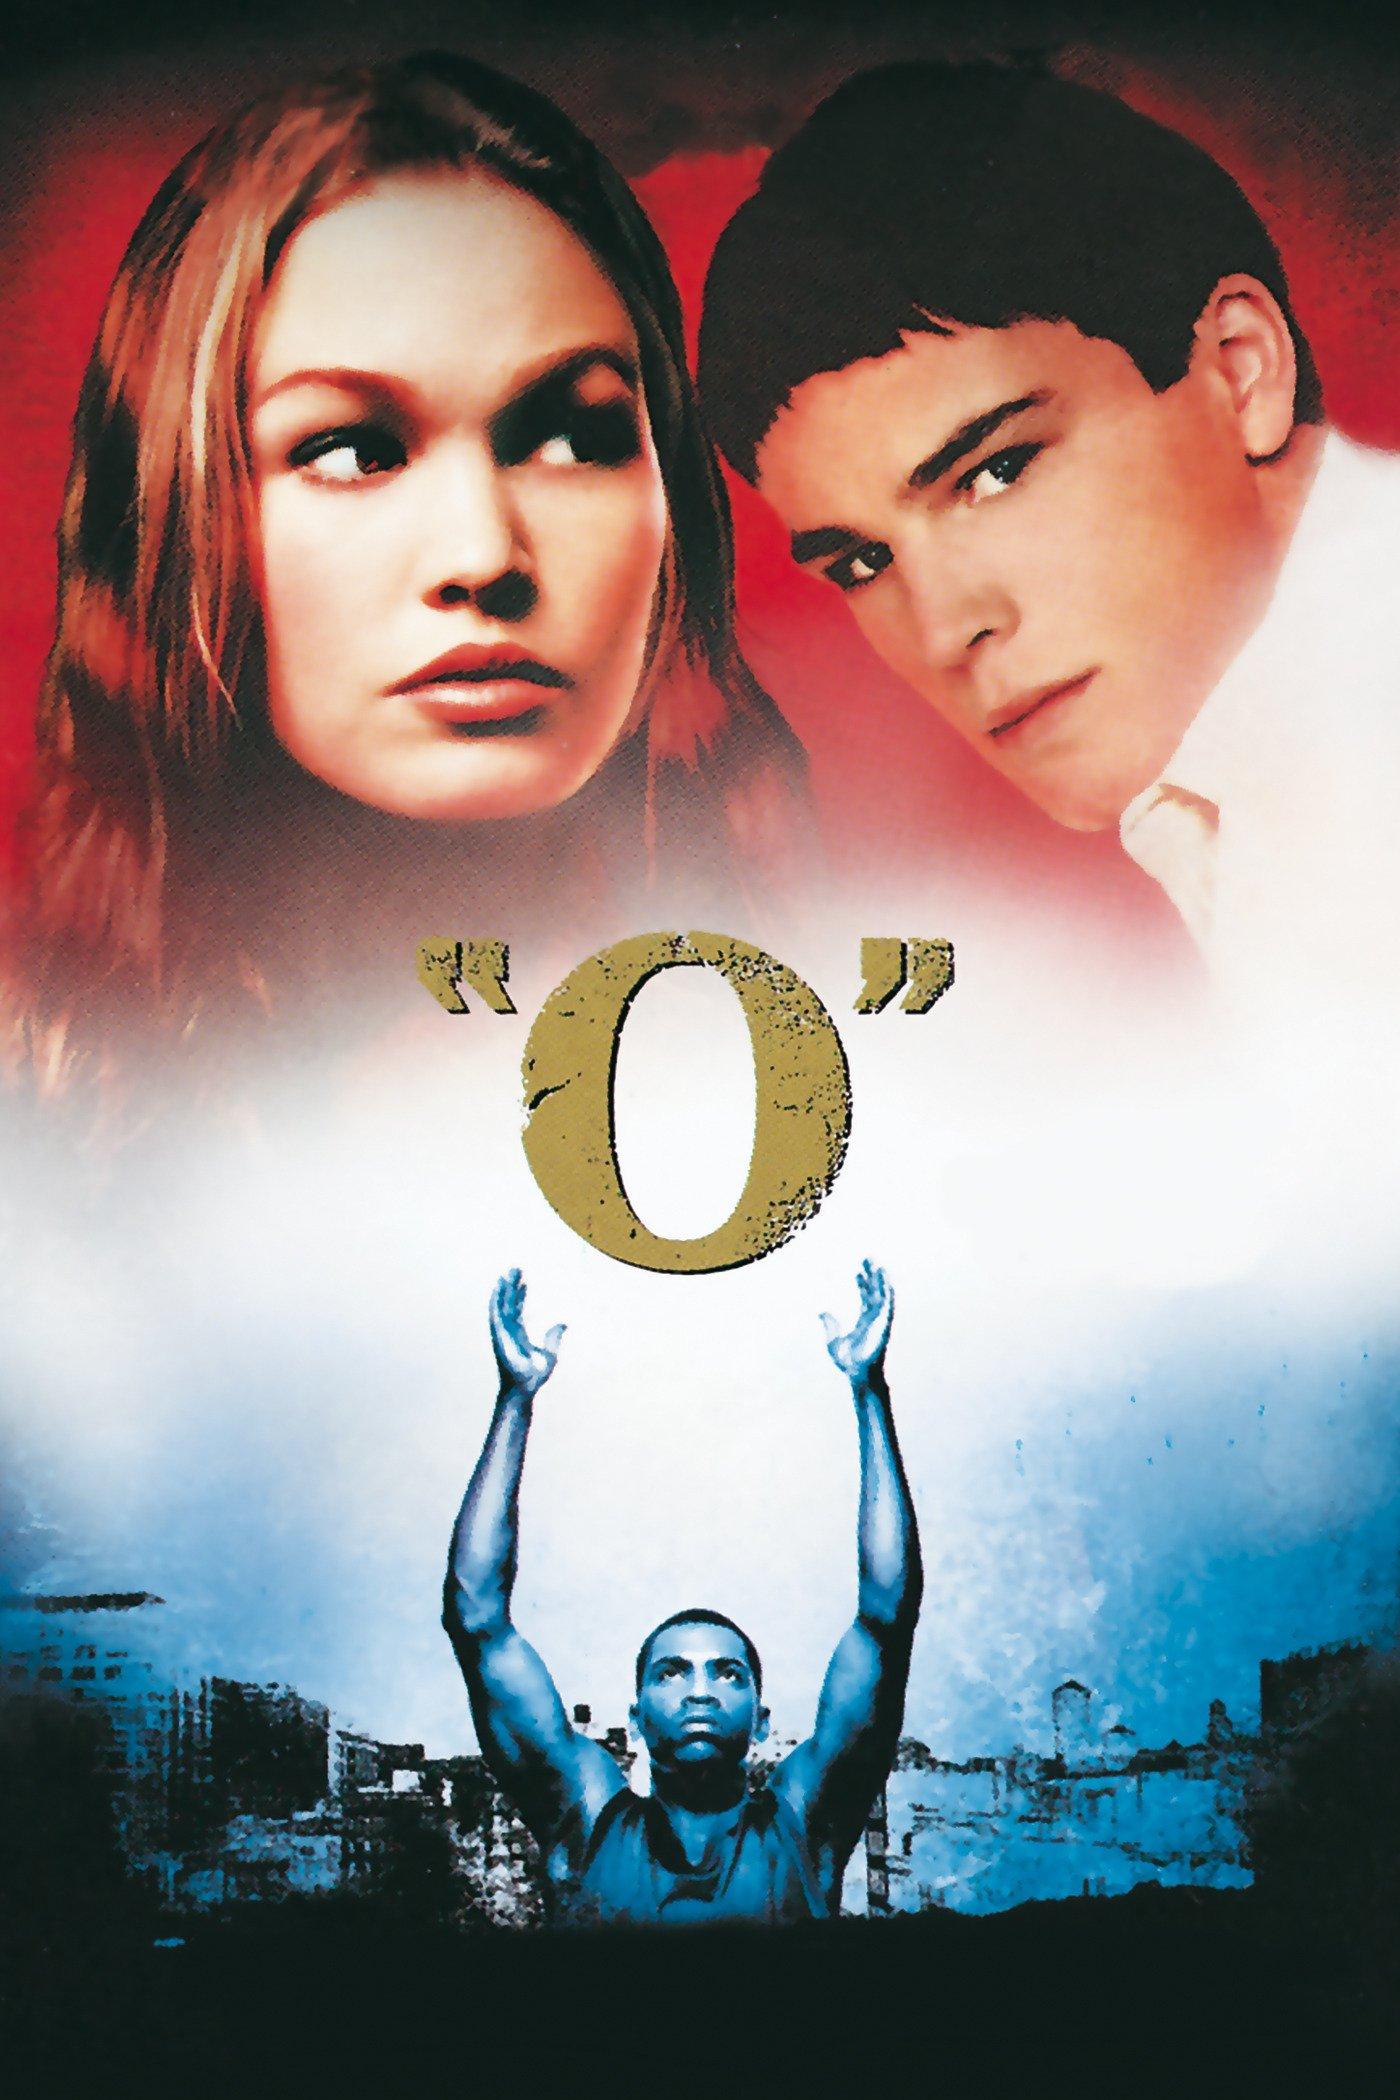 O (Aka: Othello)